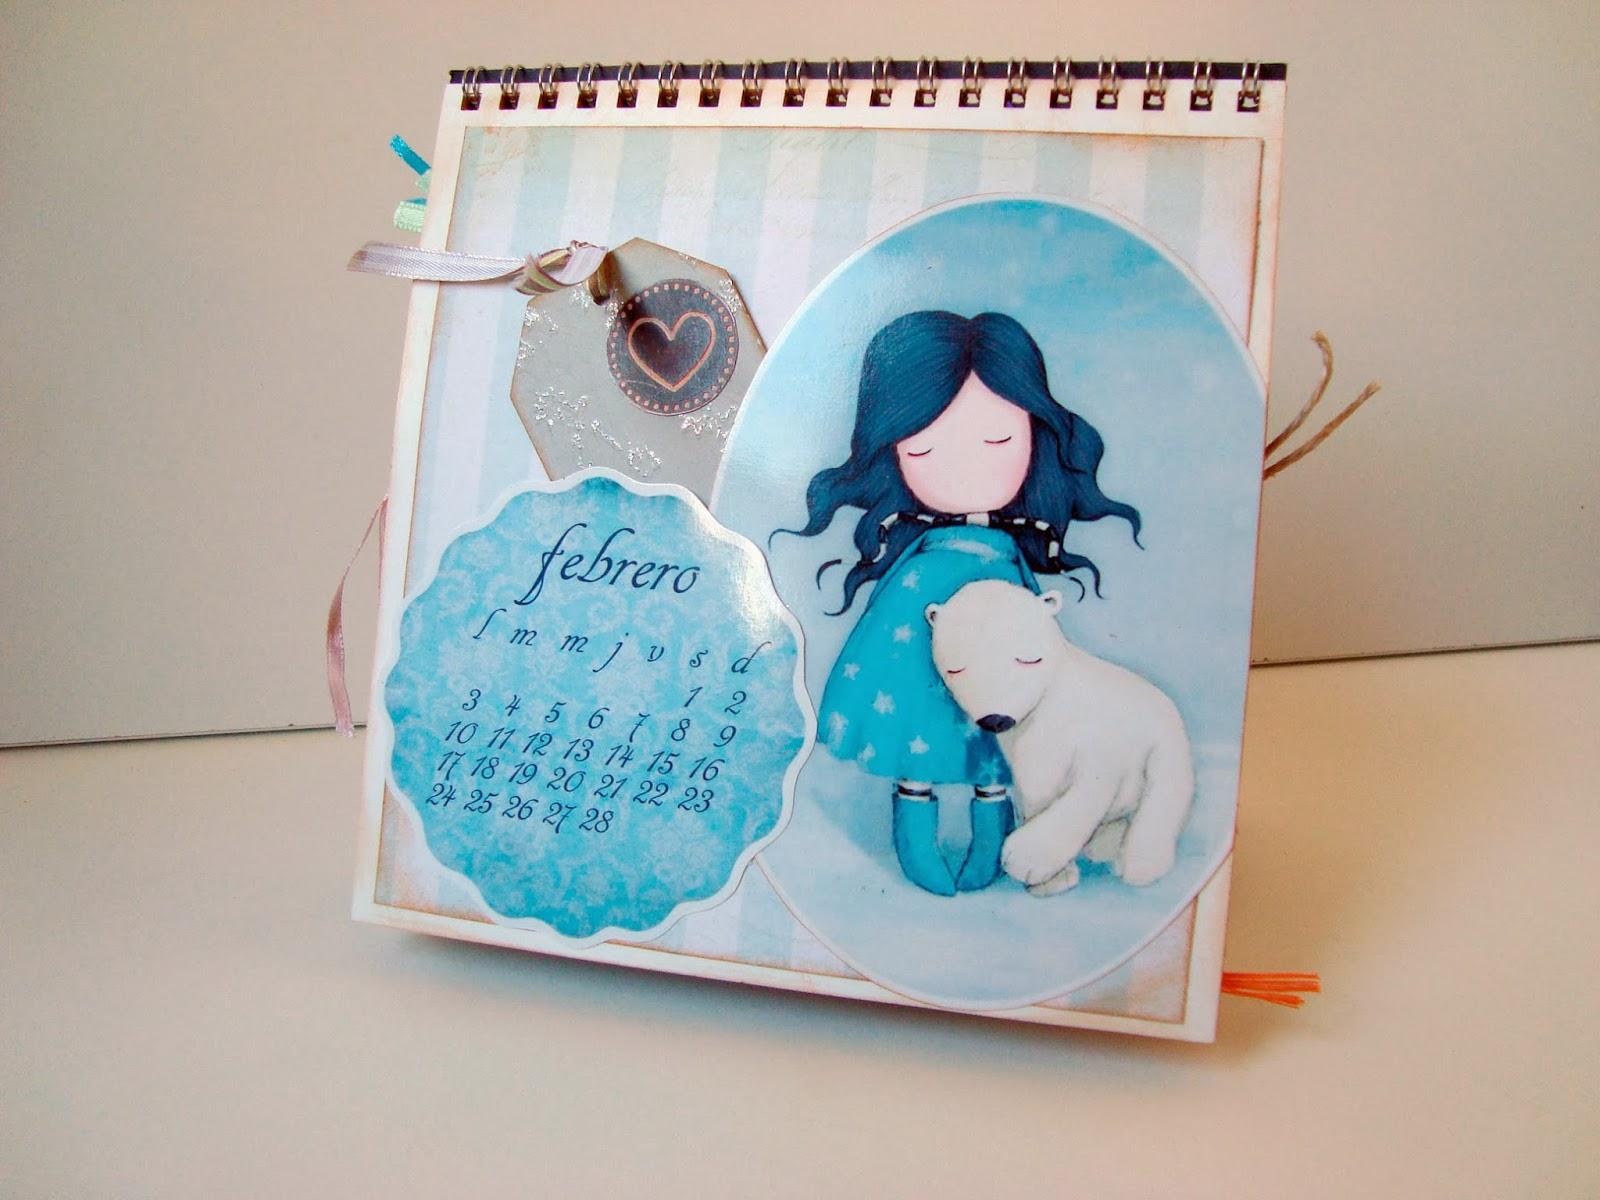 calendario_gorjuss_febrero